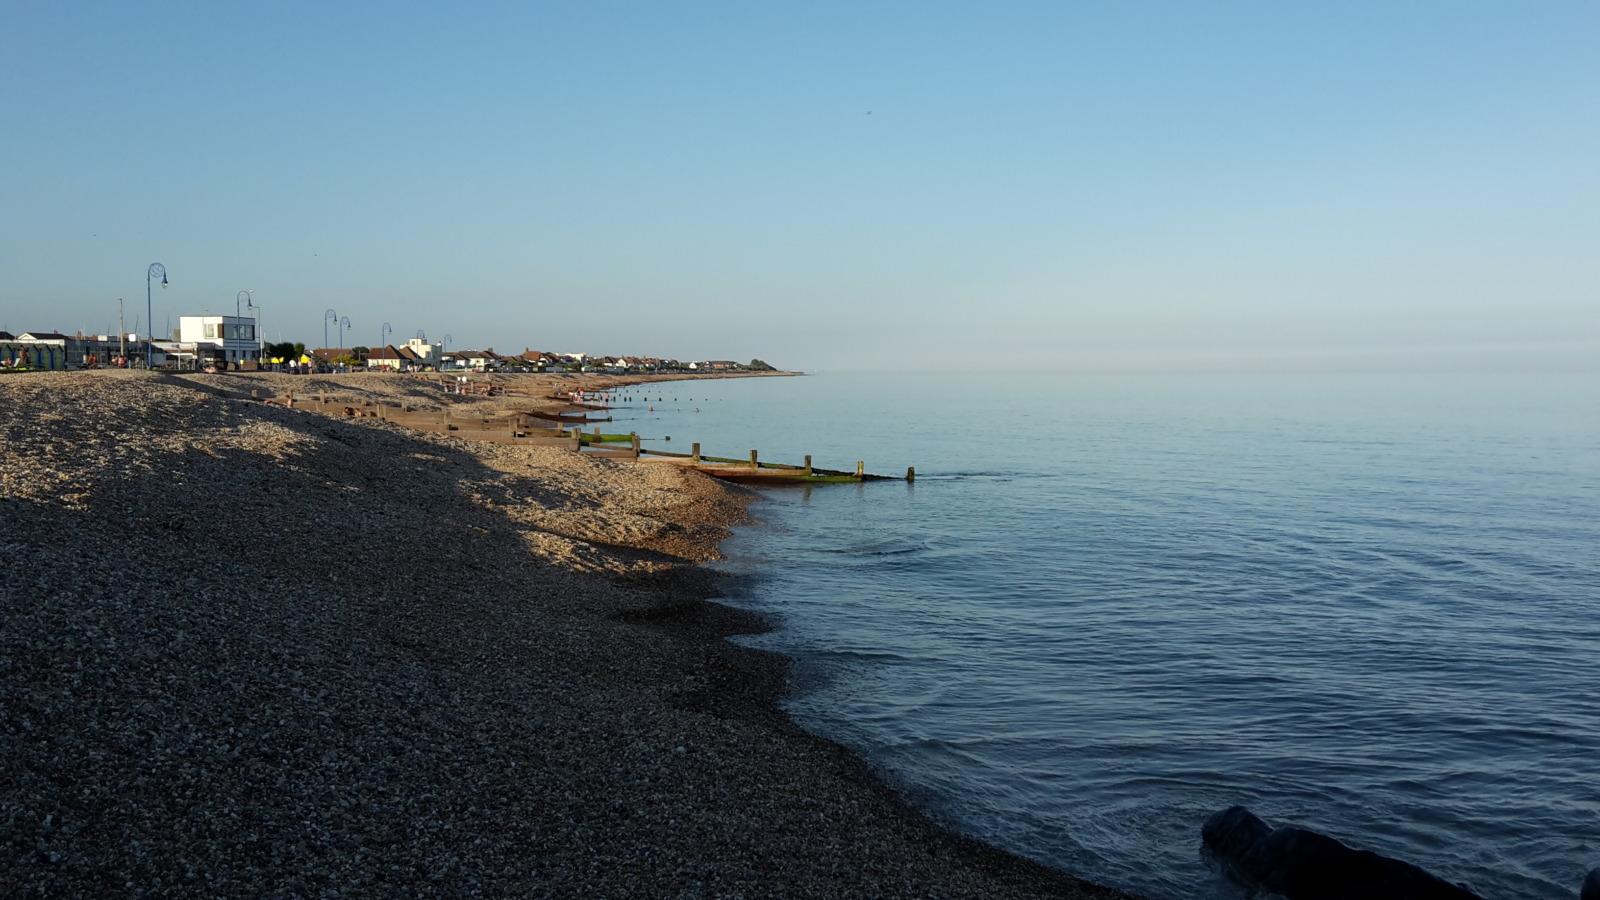 Felpham seafront